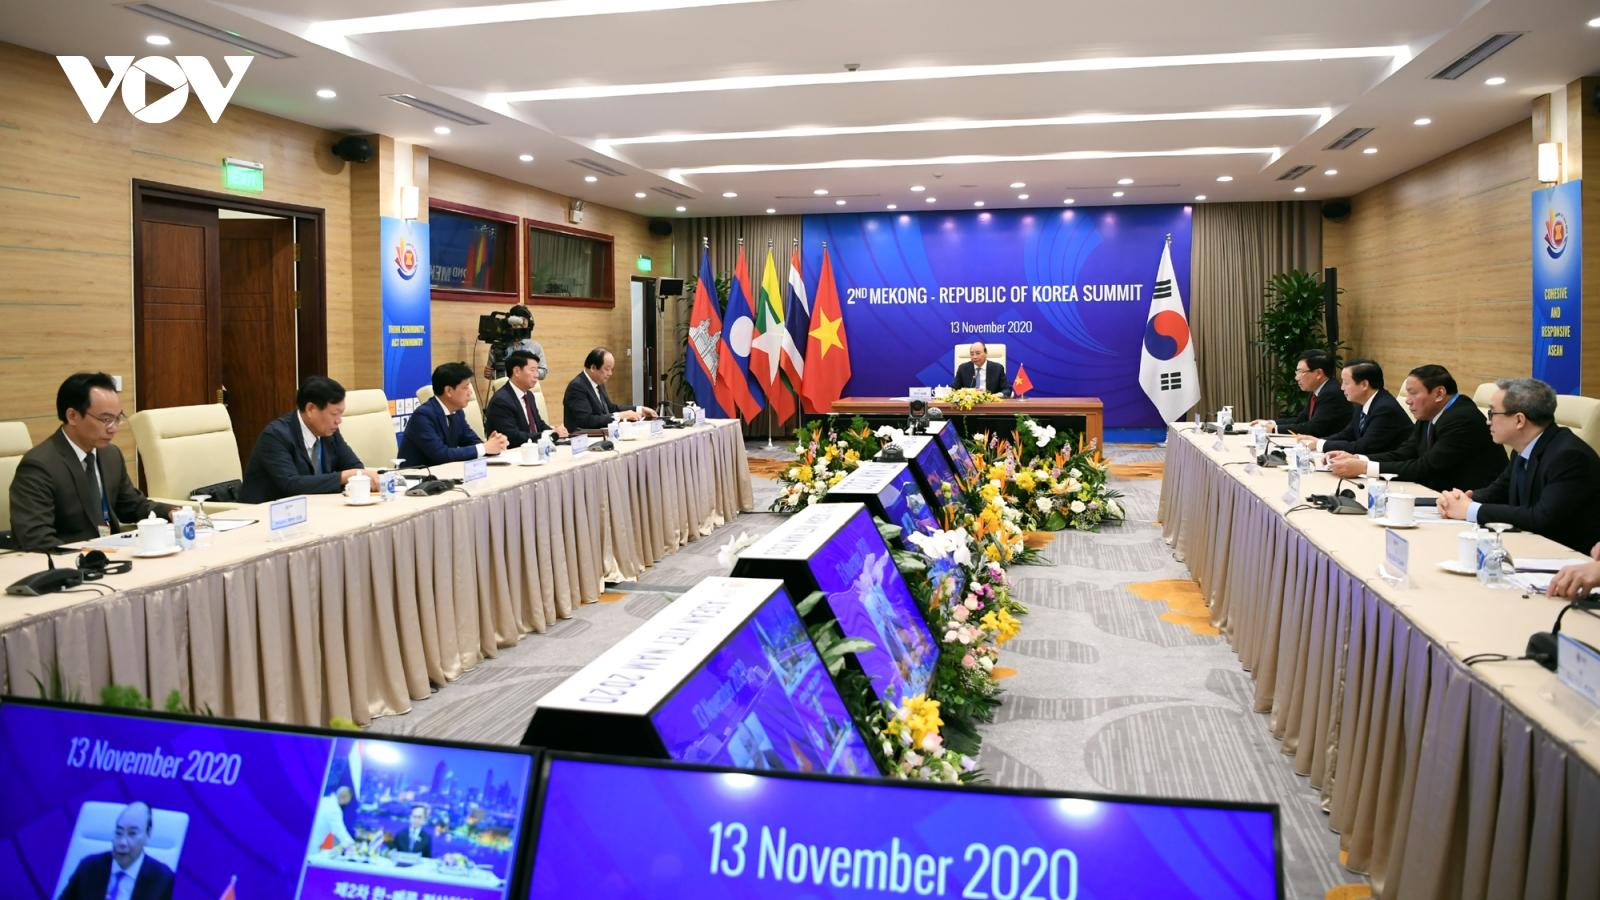 Nâng cấp hợp tác Mekong-Hàn Quốc lên Quan hệ Đối tác chiến lược